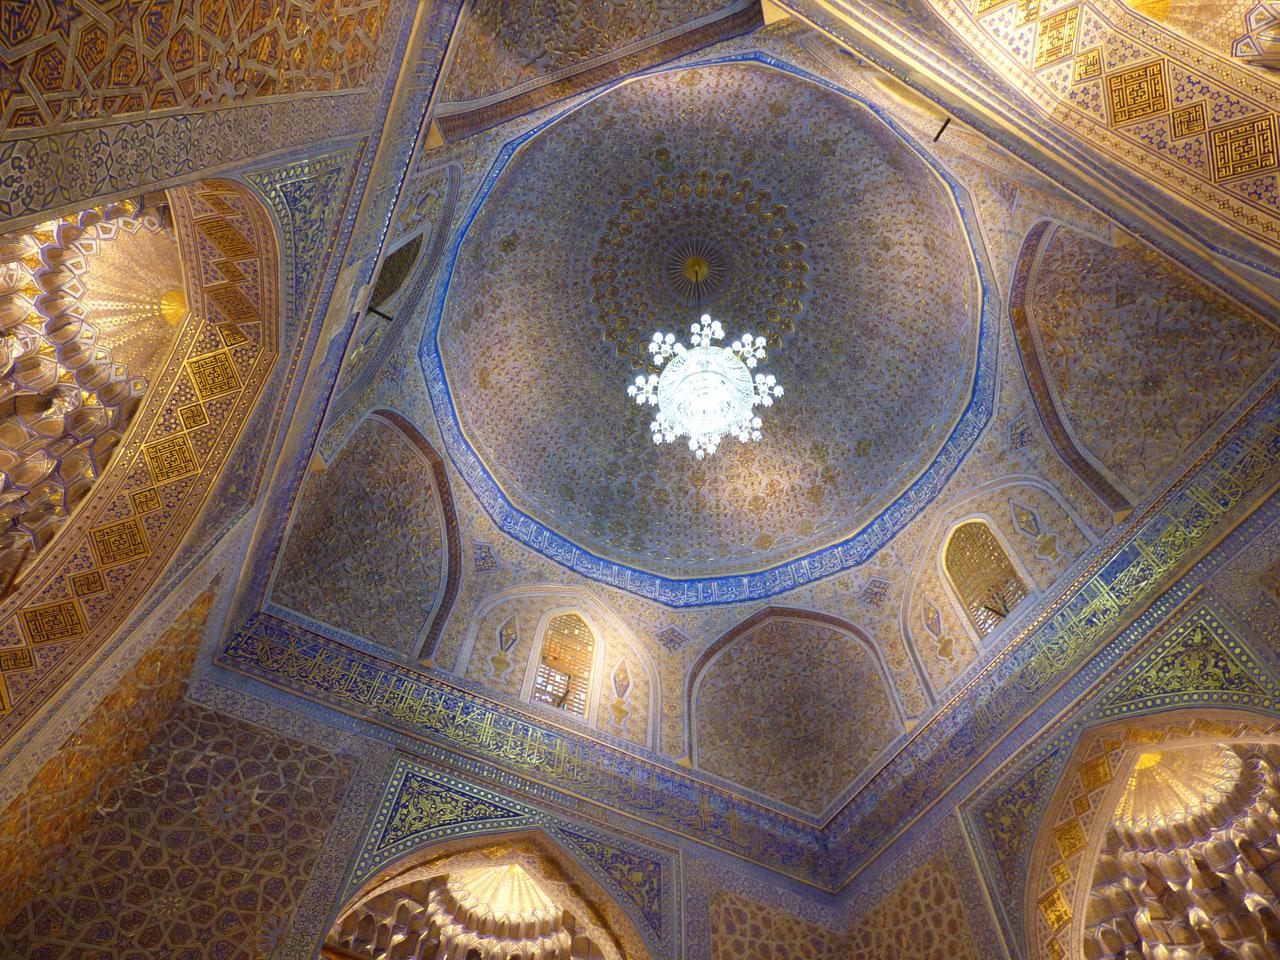 Gur-e-Amir interior, Samarkand